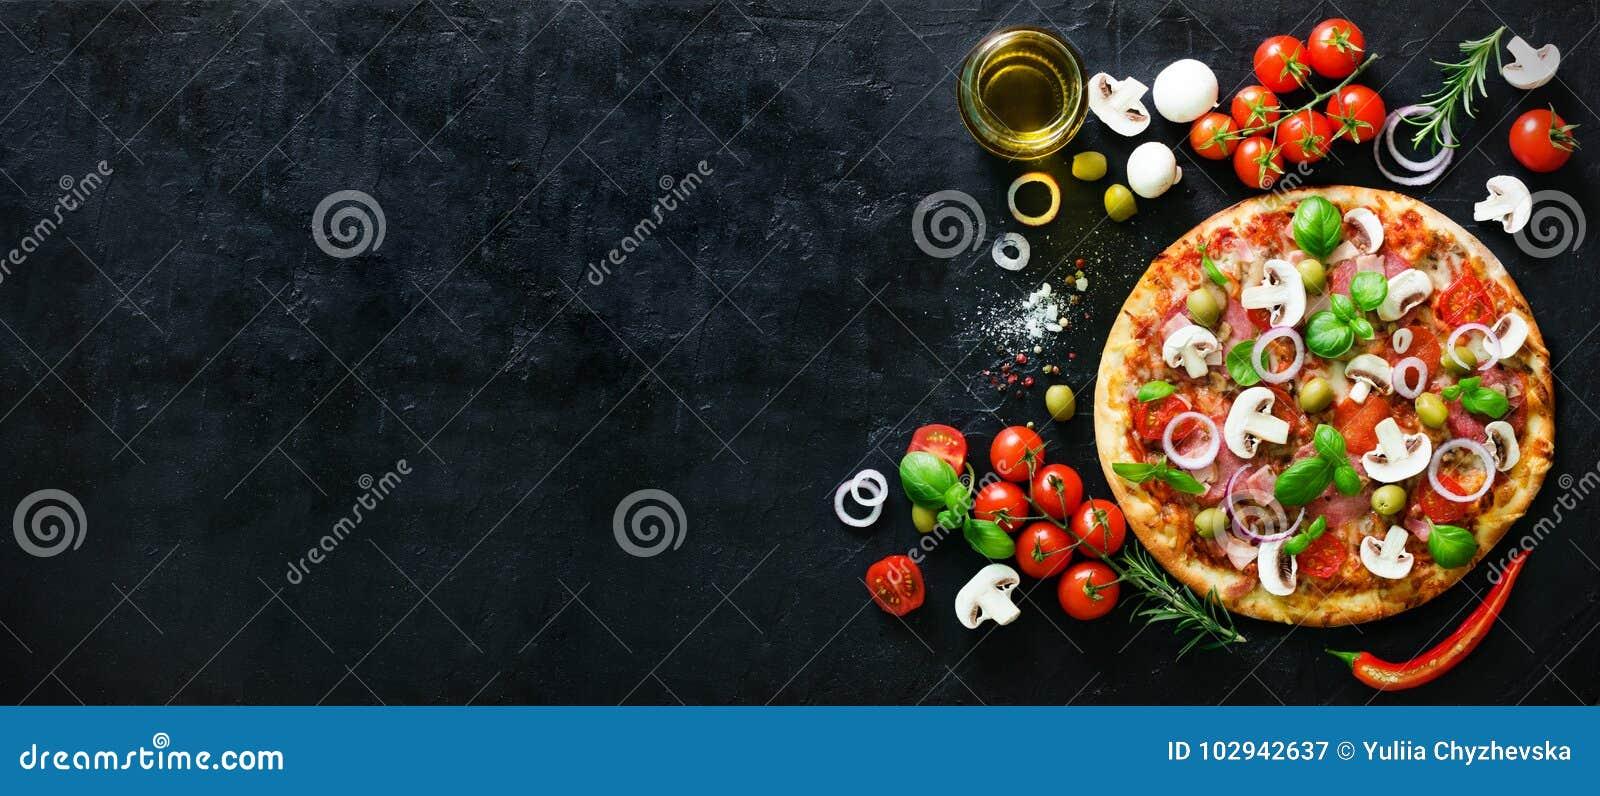 食品成分和香料烹调的蘑菇,蕃茄,乳酪,葱,油,胡椒,盐,蓬蒿,橄榄和